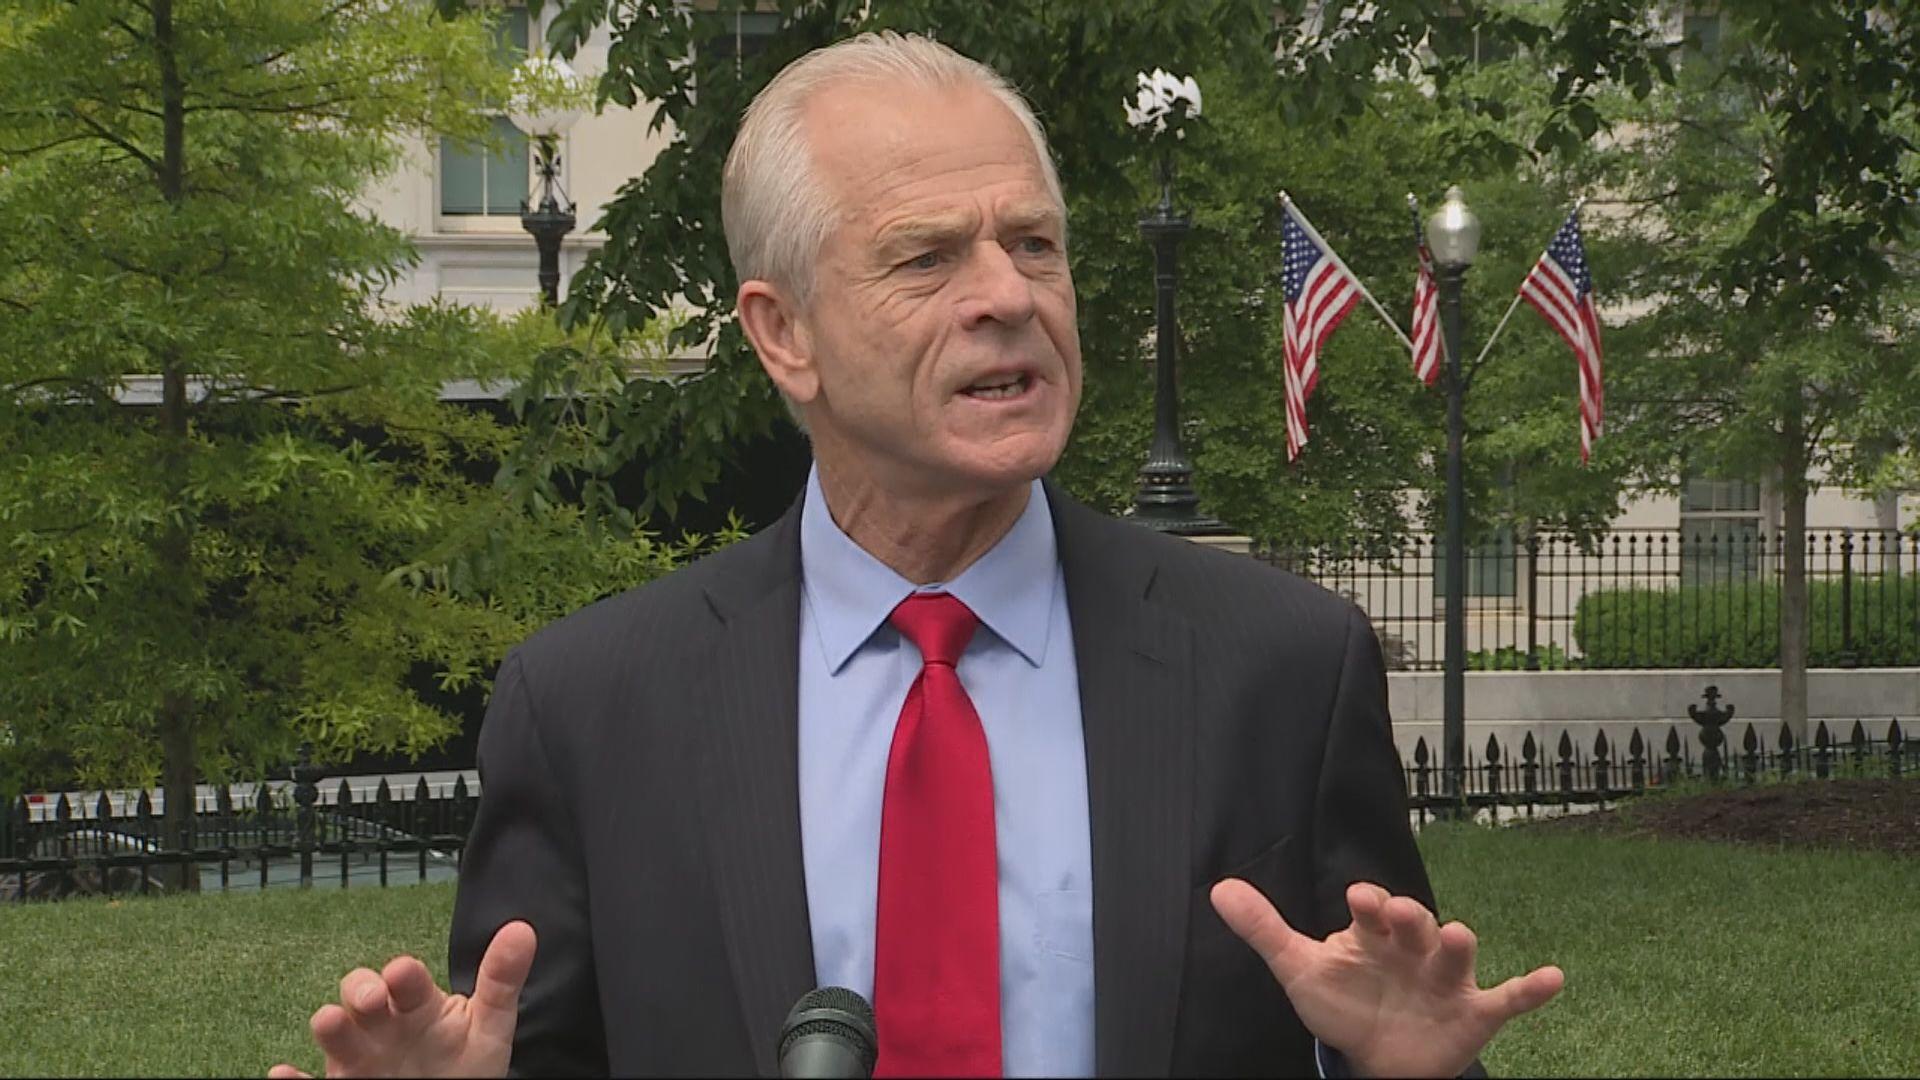 白宮貿易顧問對博爾頓批特朗普對華軟弱感意外